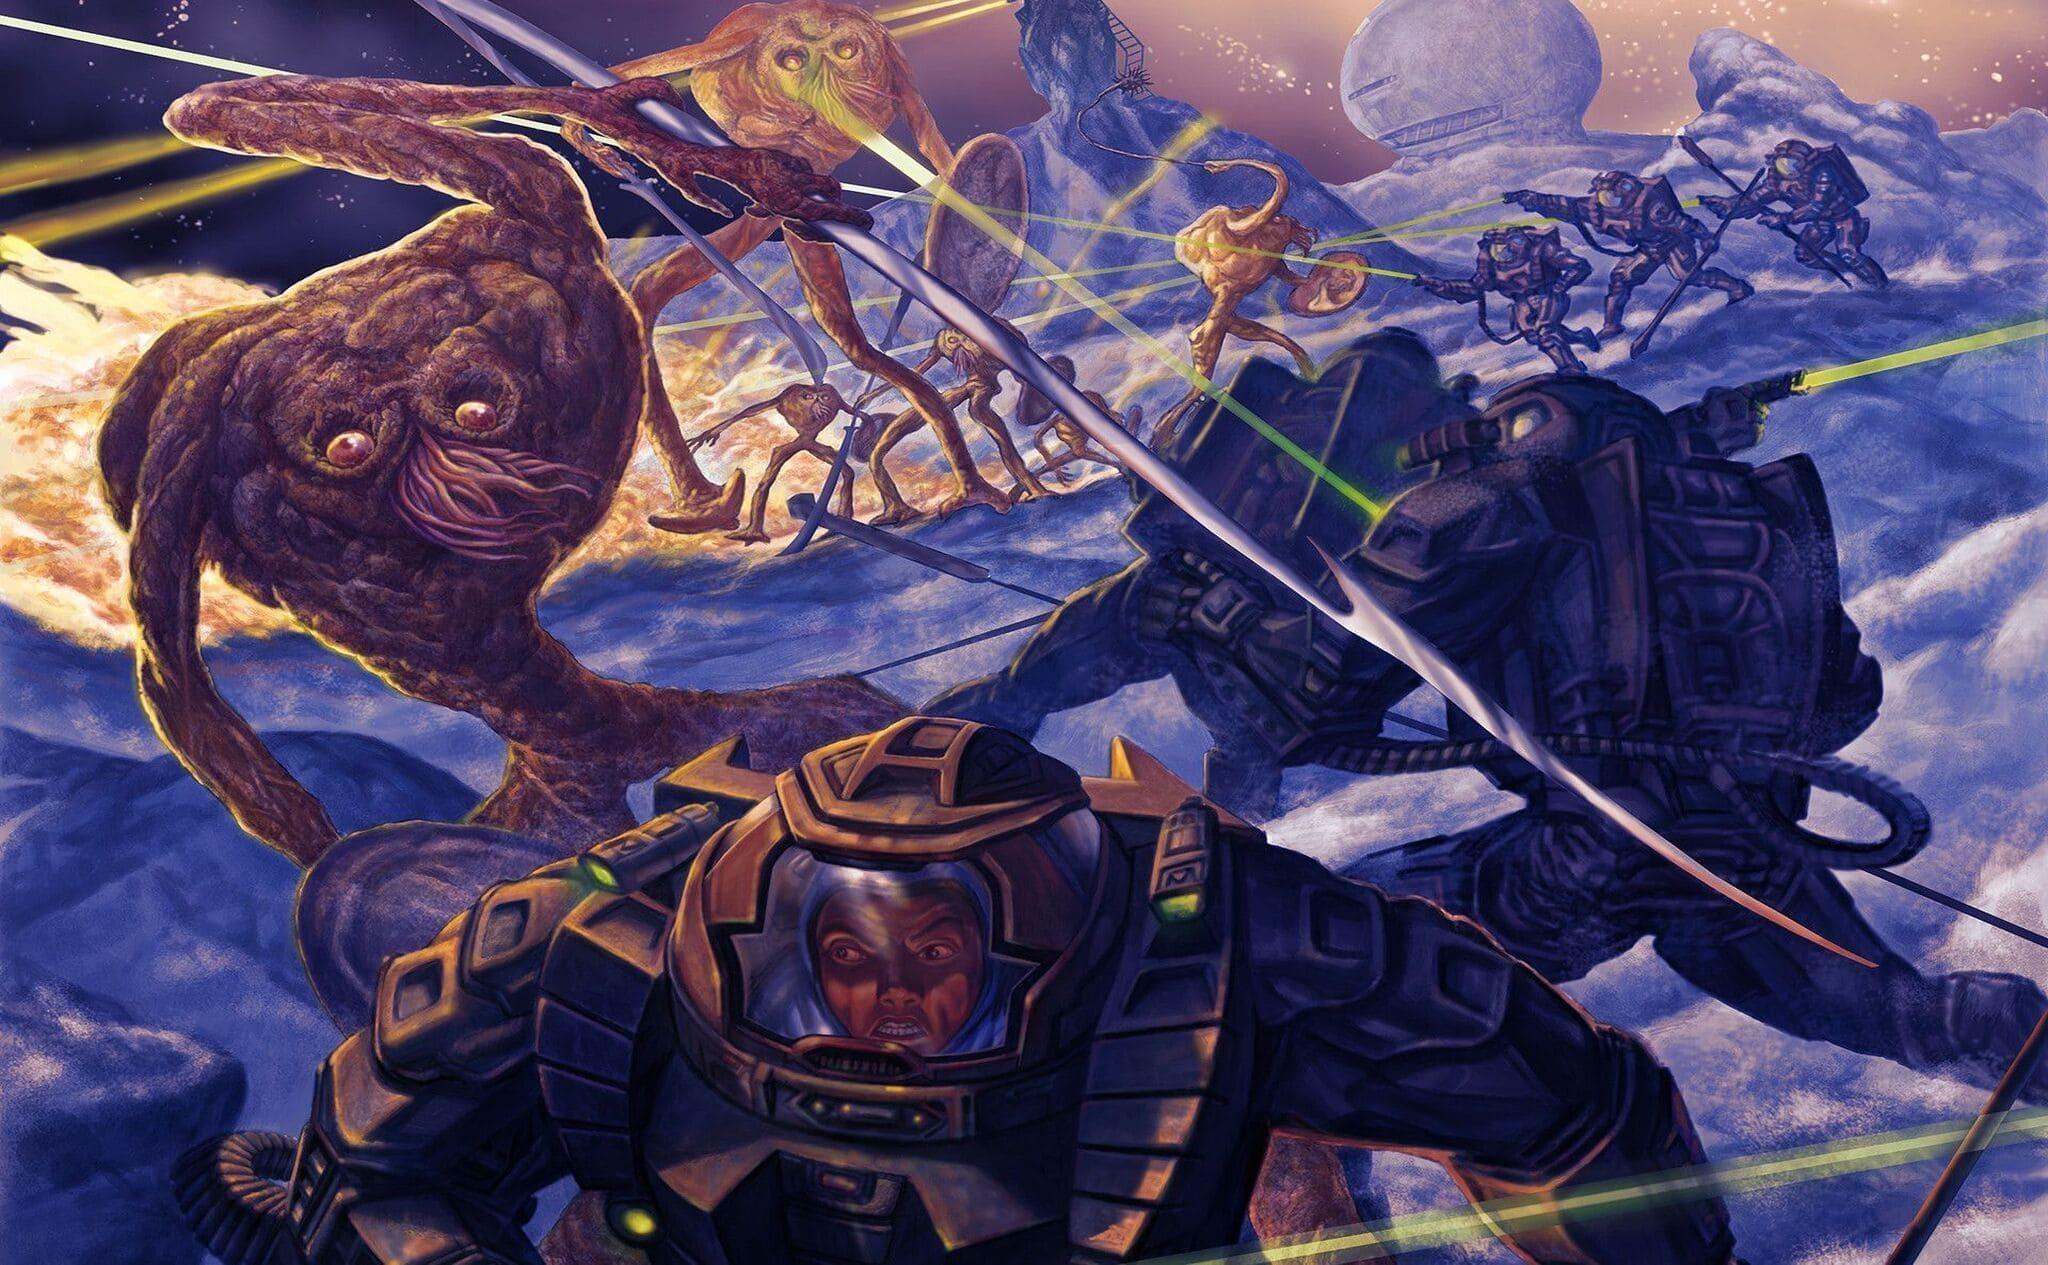 La guerra interminable, ilustración de Carles Demiguel